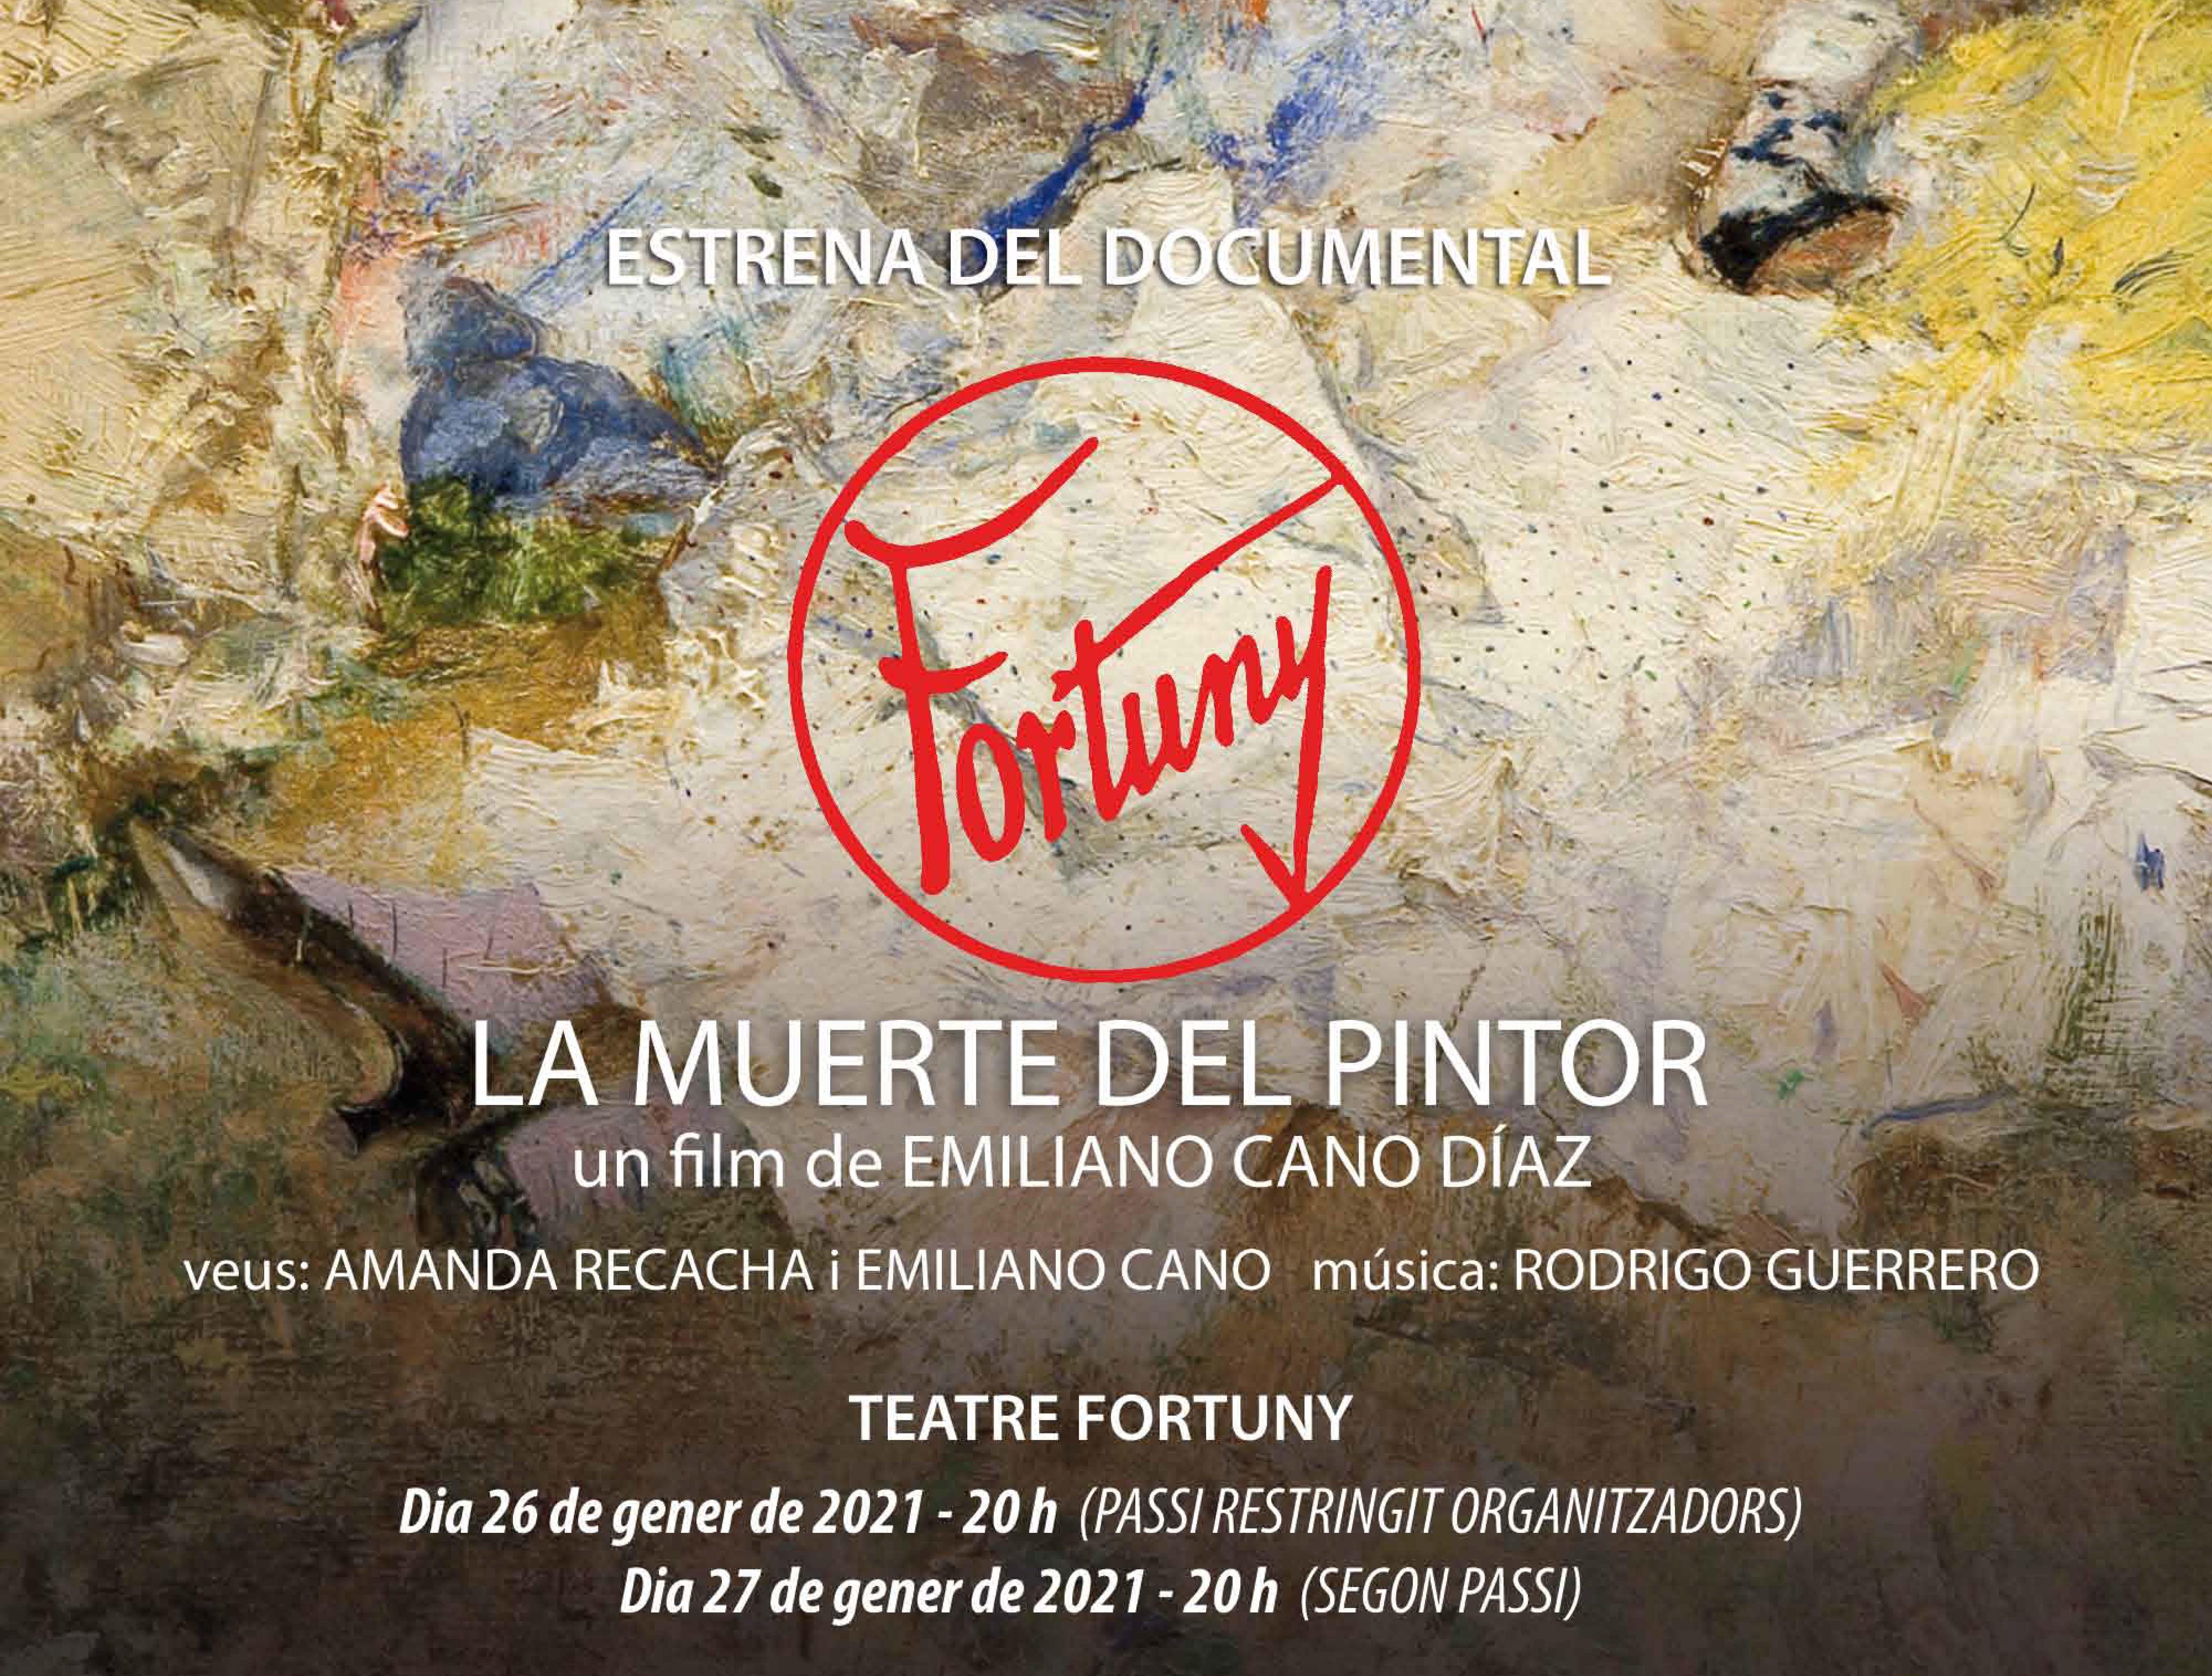 Estrena a Reus d'una pel·lícula documental dedicada al pintor Marià Fortuny